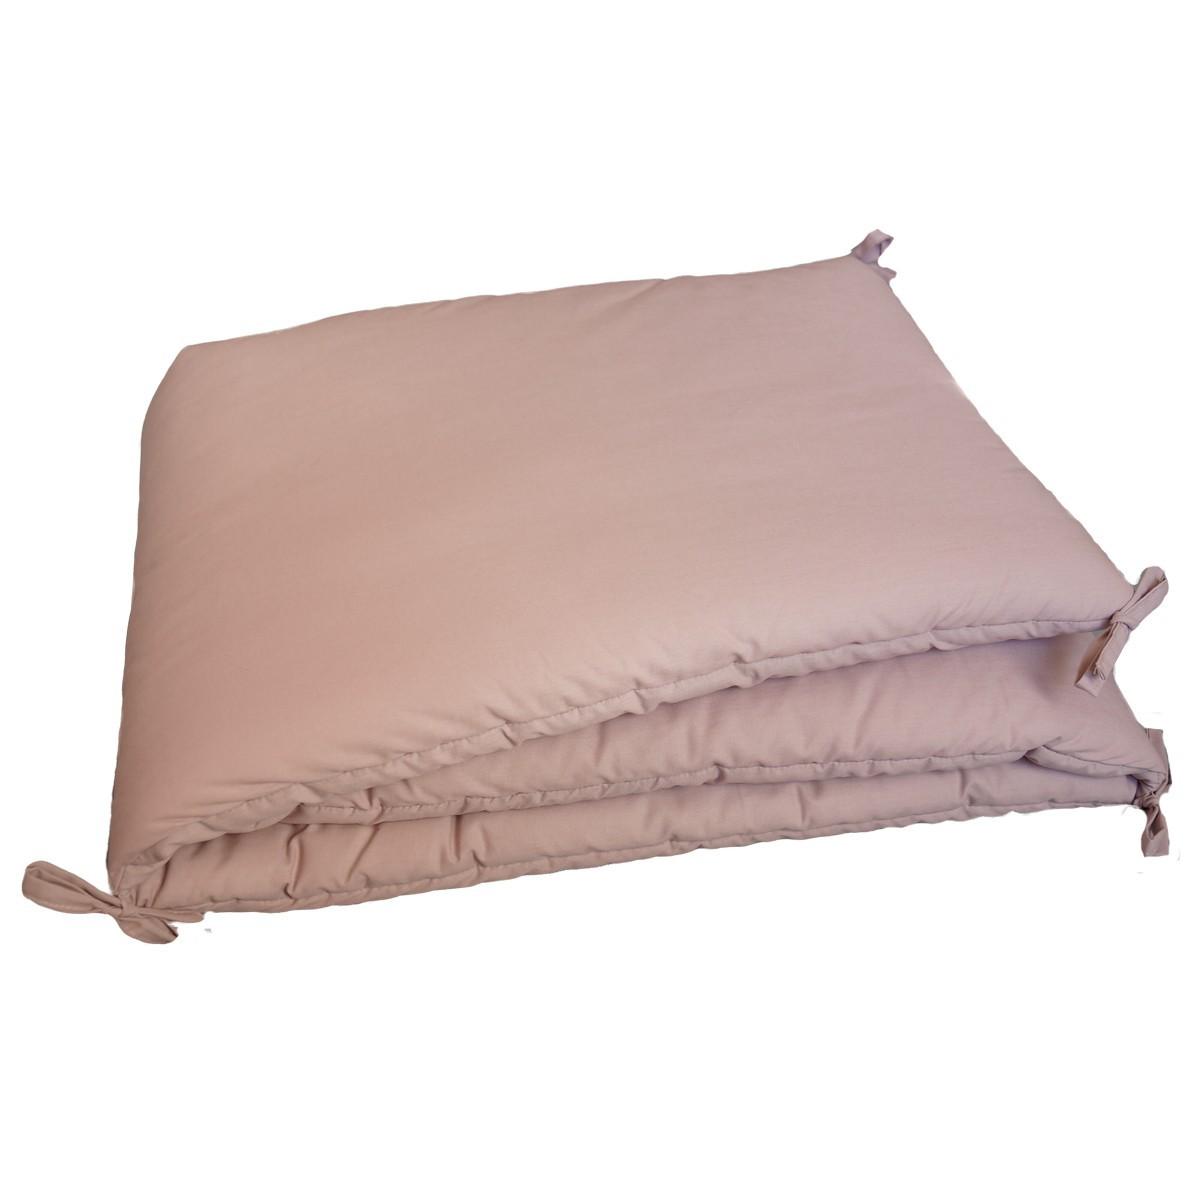 tour de lit b 233 b 233 uni en percale de coton fabrication fran 231 aise